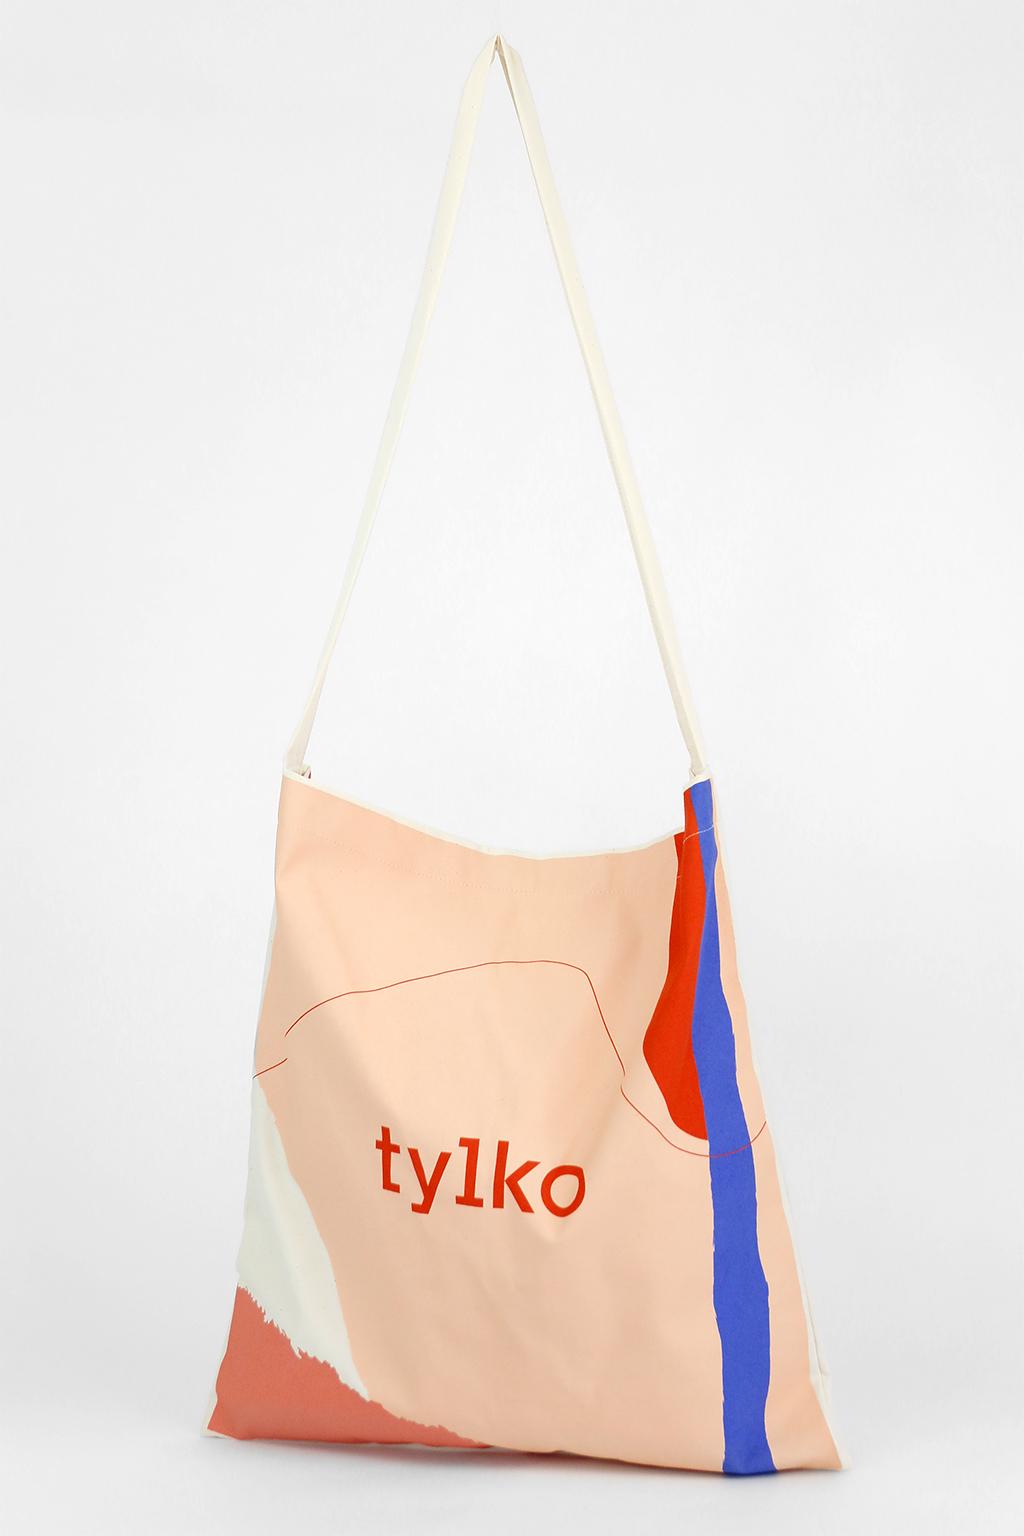 torba bawełniana z jednym uchem, torba reklamowa z nadrukiem, kolorowy nadruk: 'tylko'